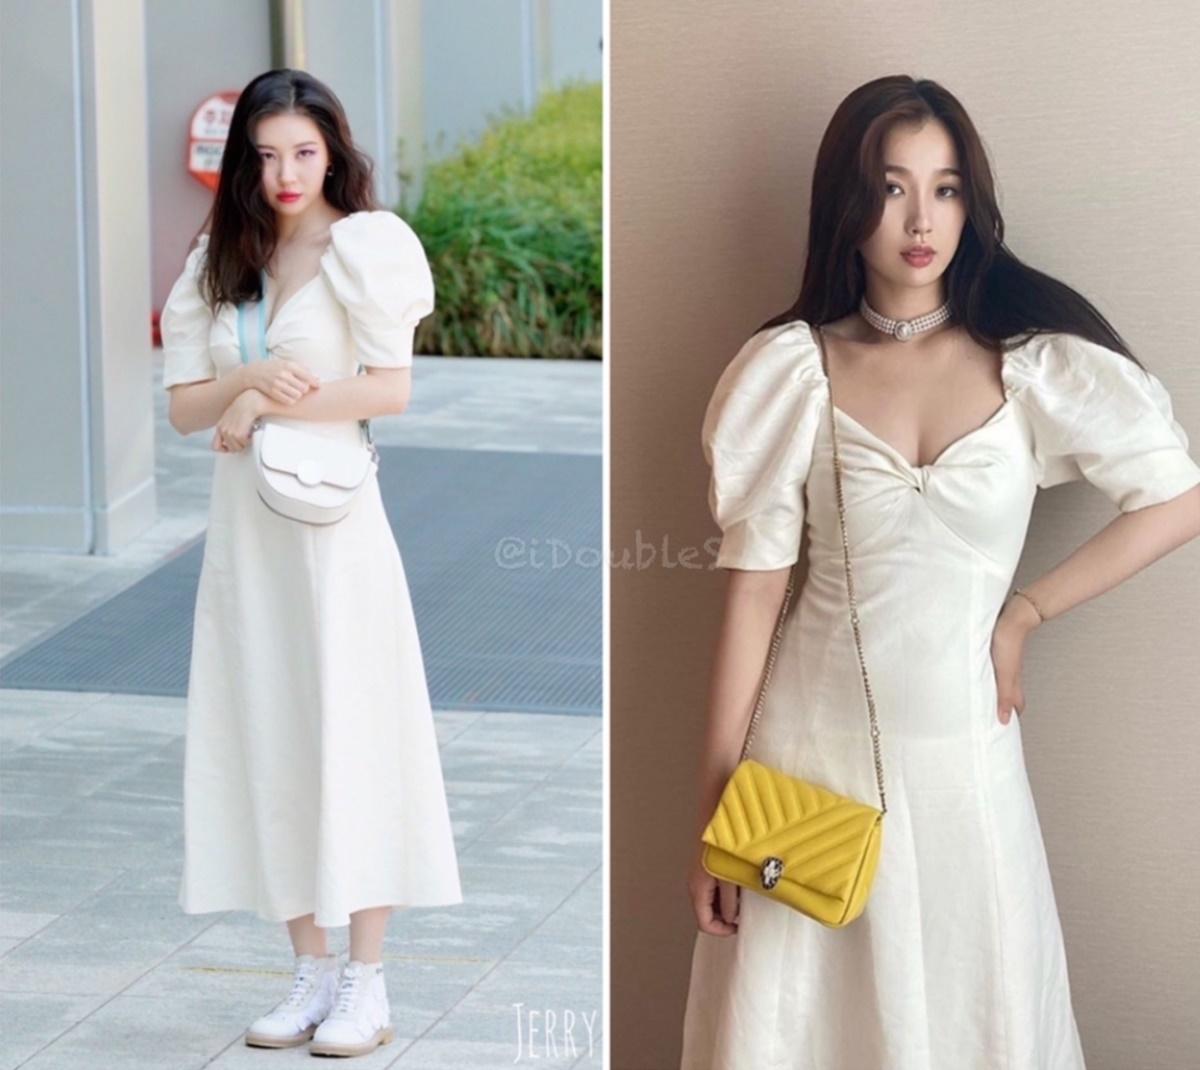 Sun Mi (trái) và thánh biểu cảm lố Ngu Thư Hân cùng diện váy Zara trắng có phần cổ khoét rộng gợi cảm. Hai người đẹp có kiểu tóc bồng bềnh và thần thái khá giống nhau.